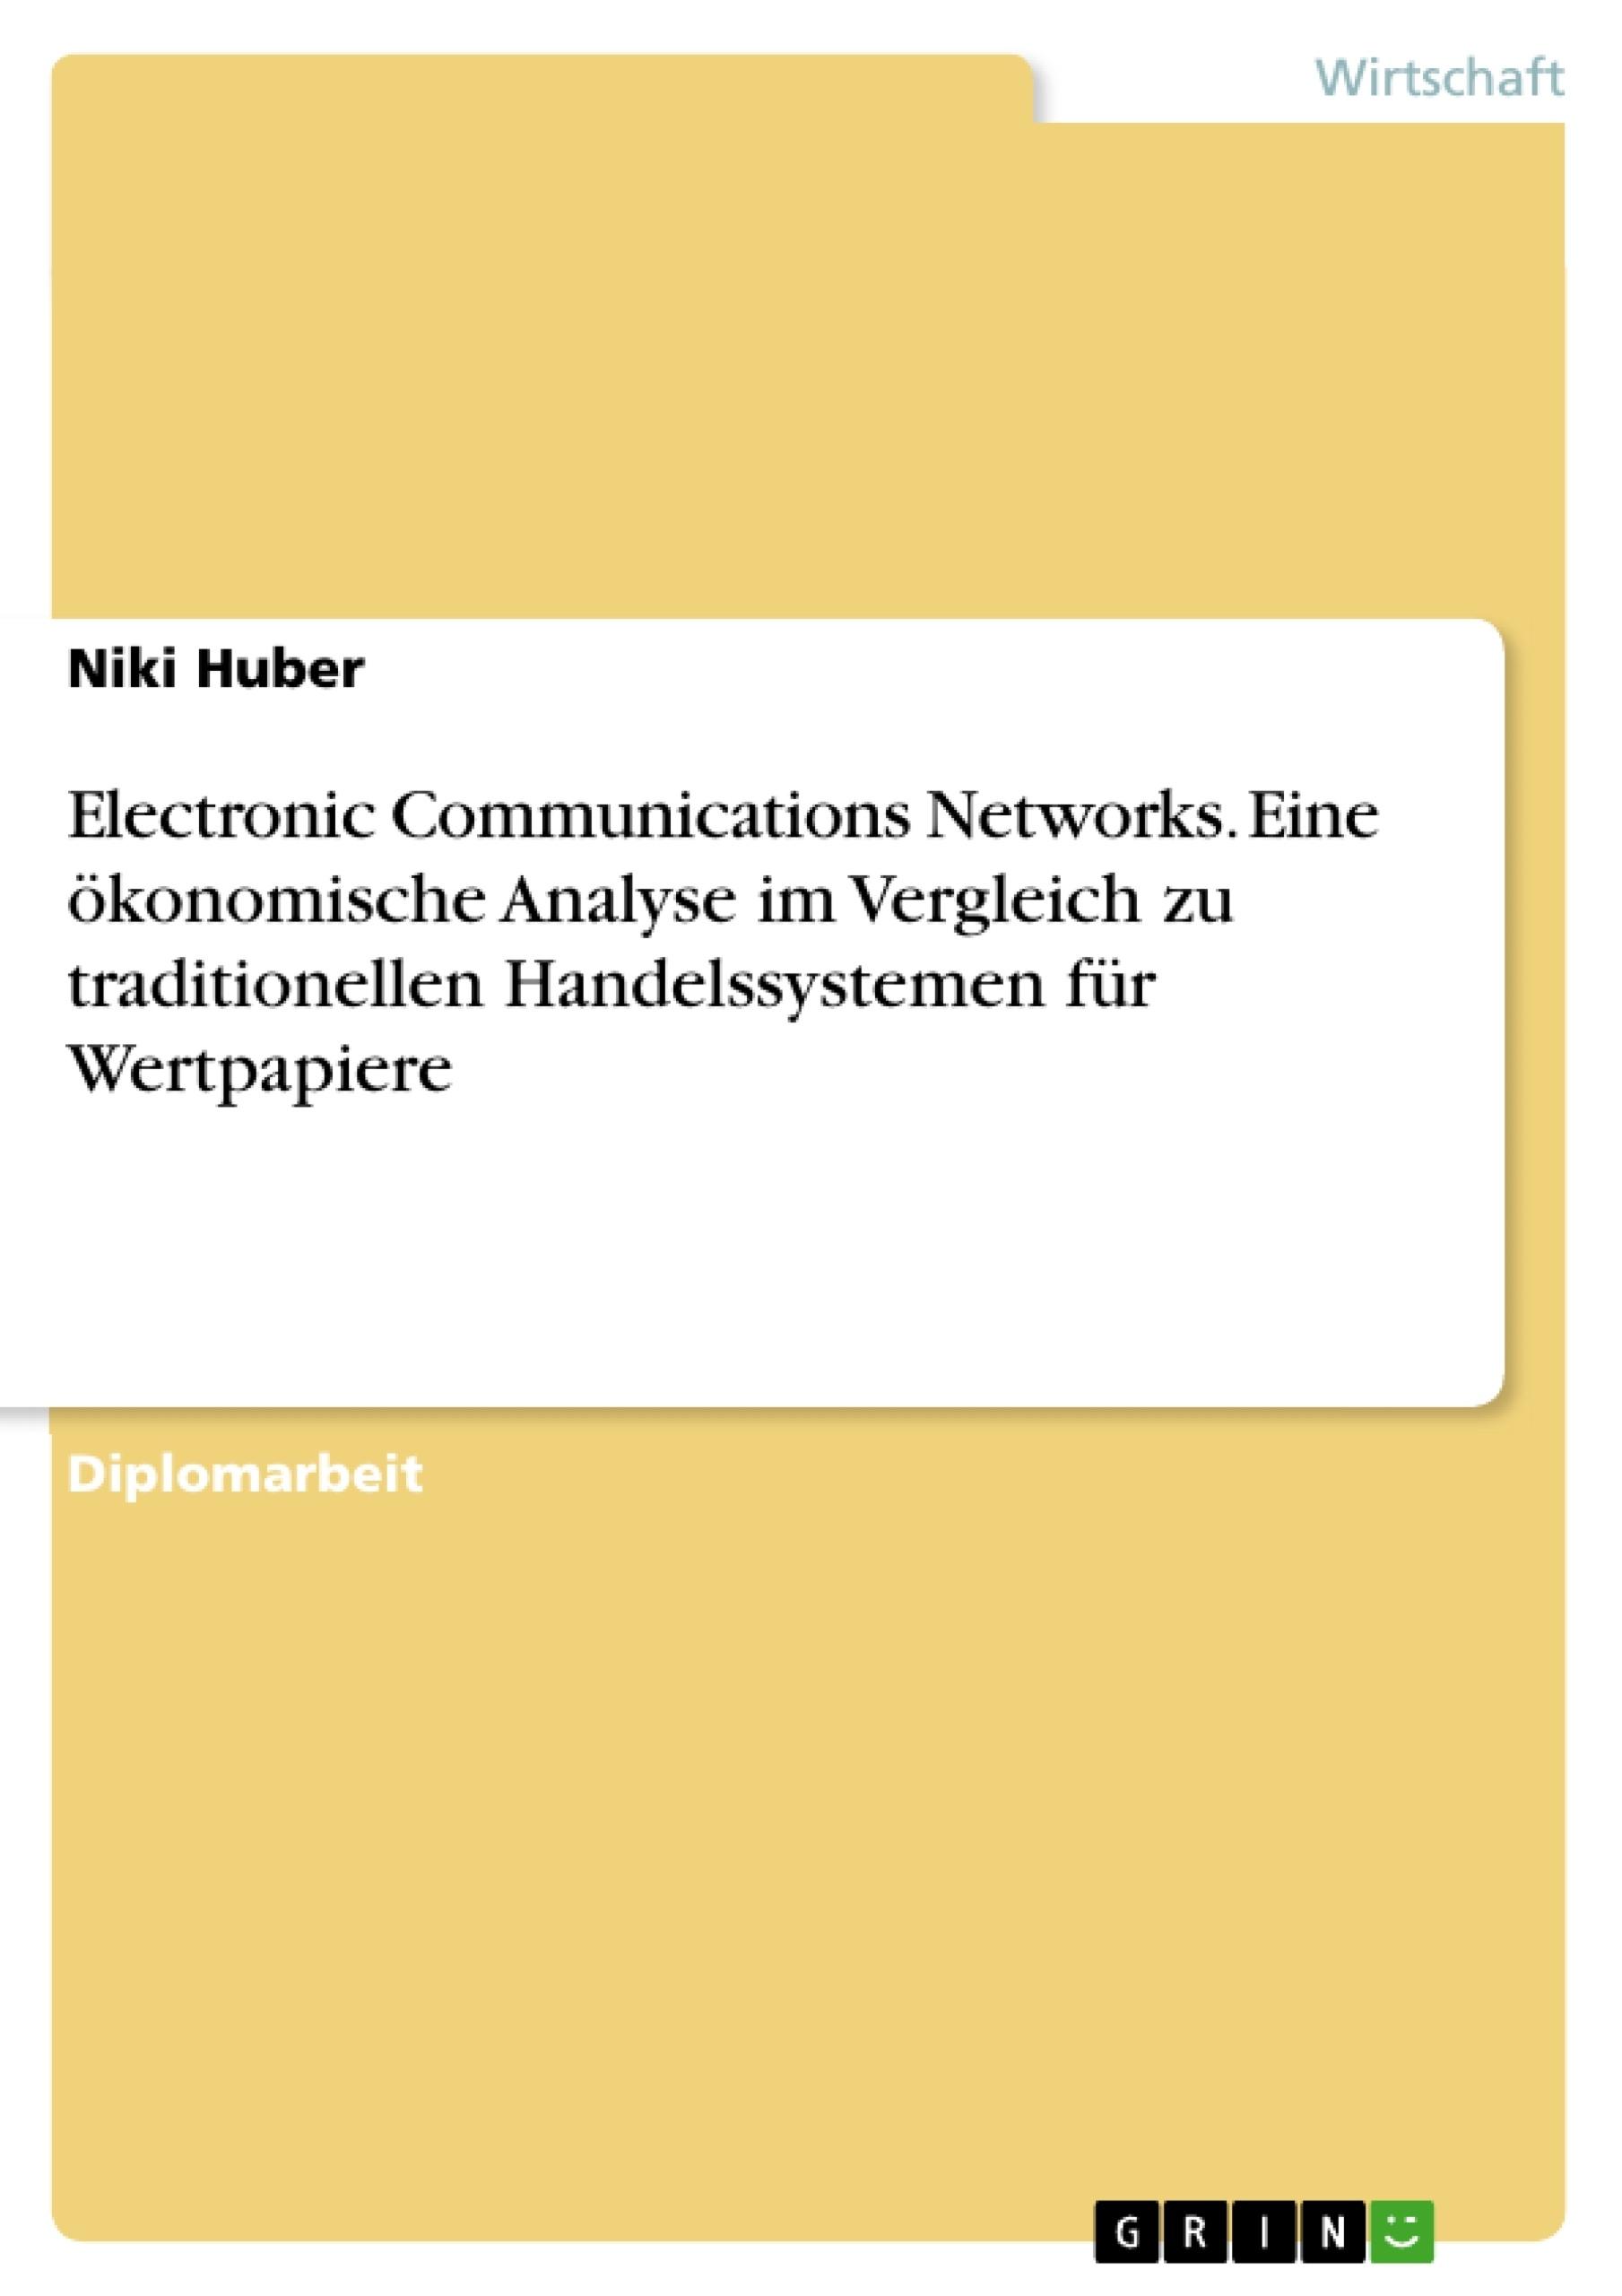 Titel: Electronic Communications Networks. Eine ökonomische Analyse im Vergleich zu traditionellen Handelssystemen für Wertpapiere